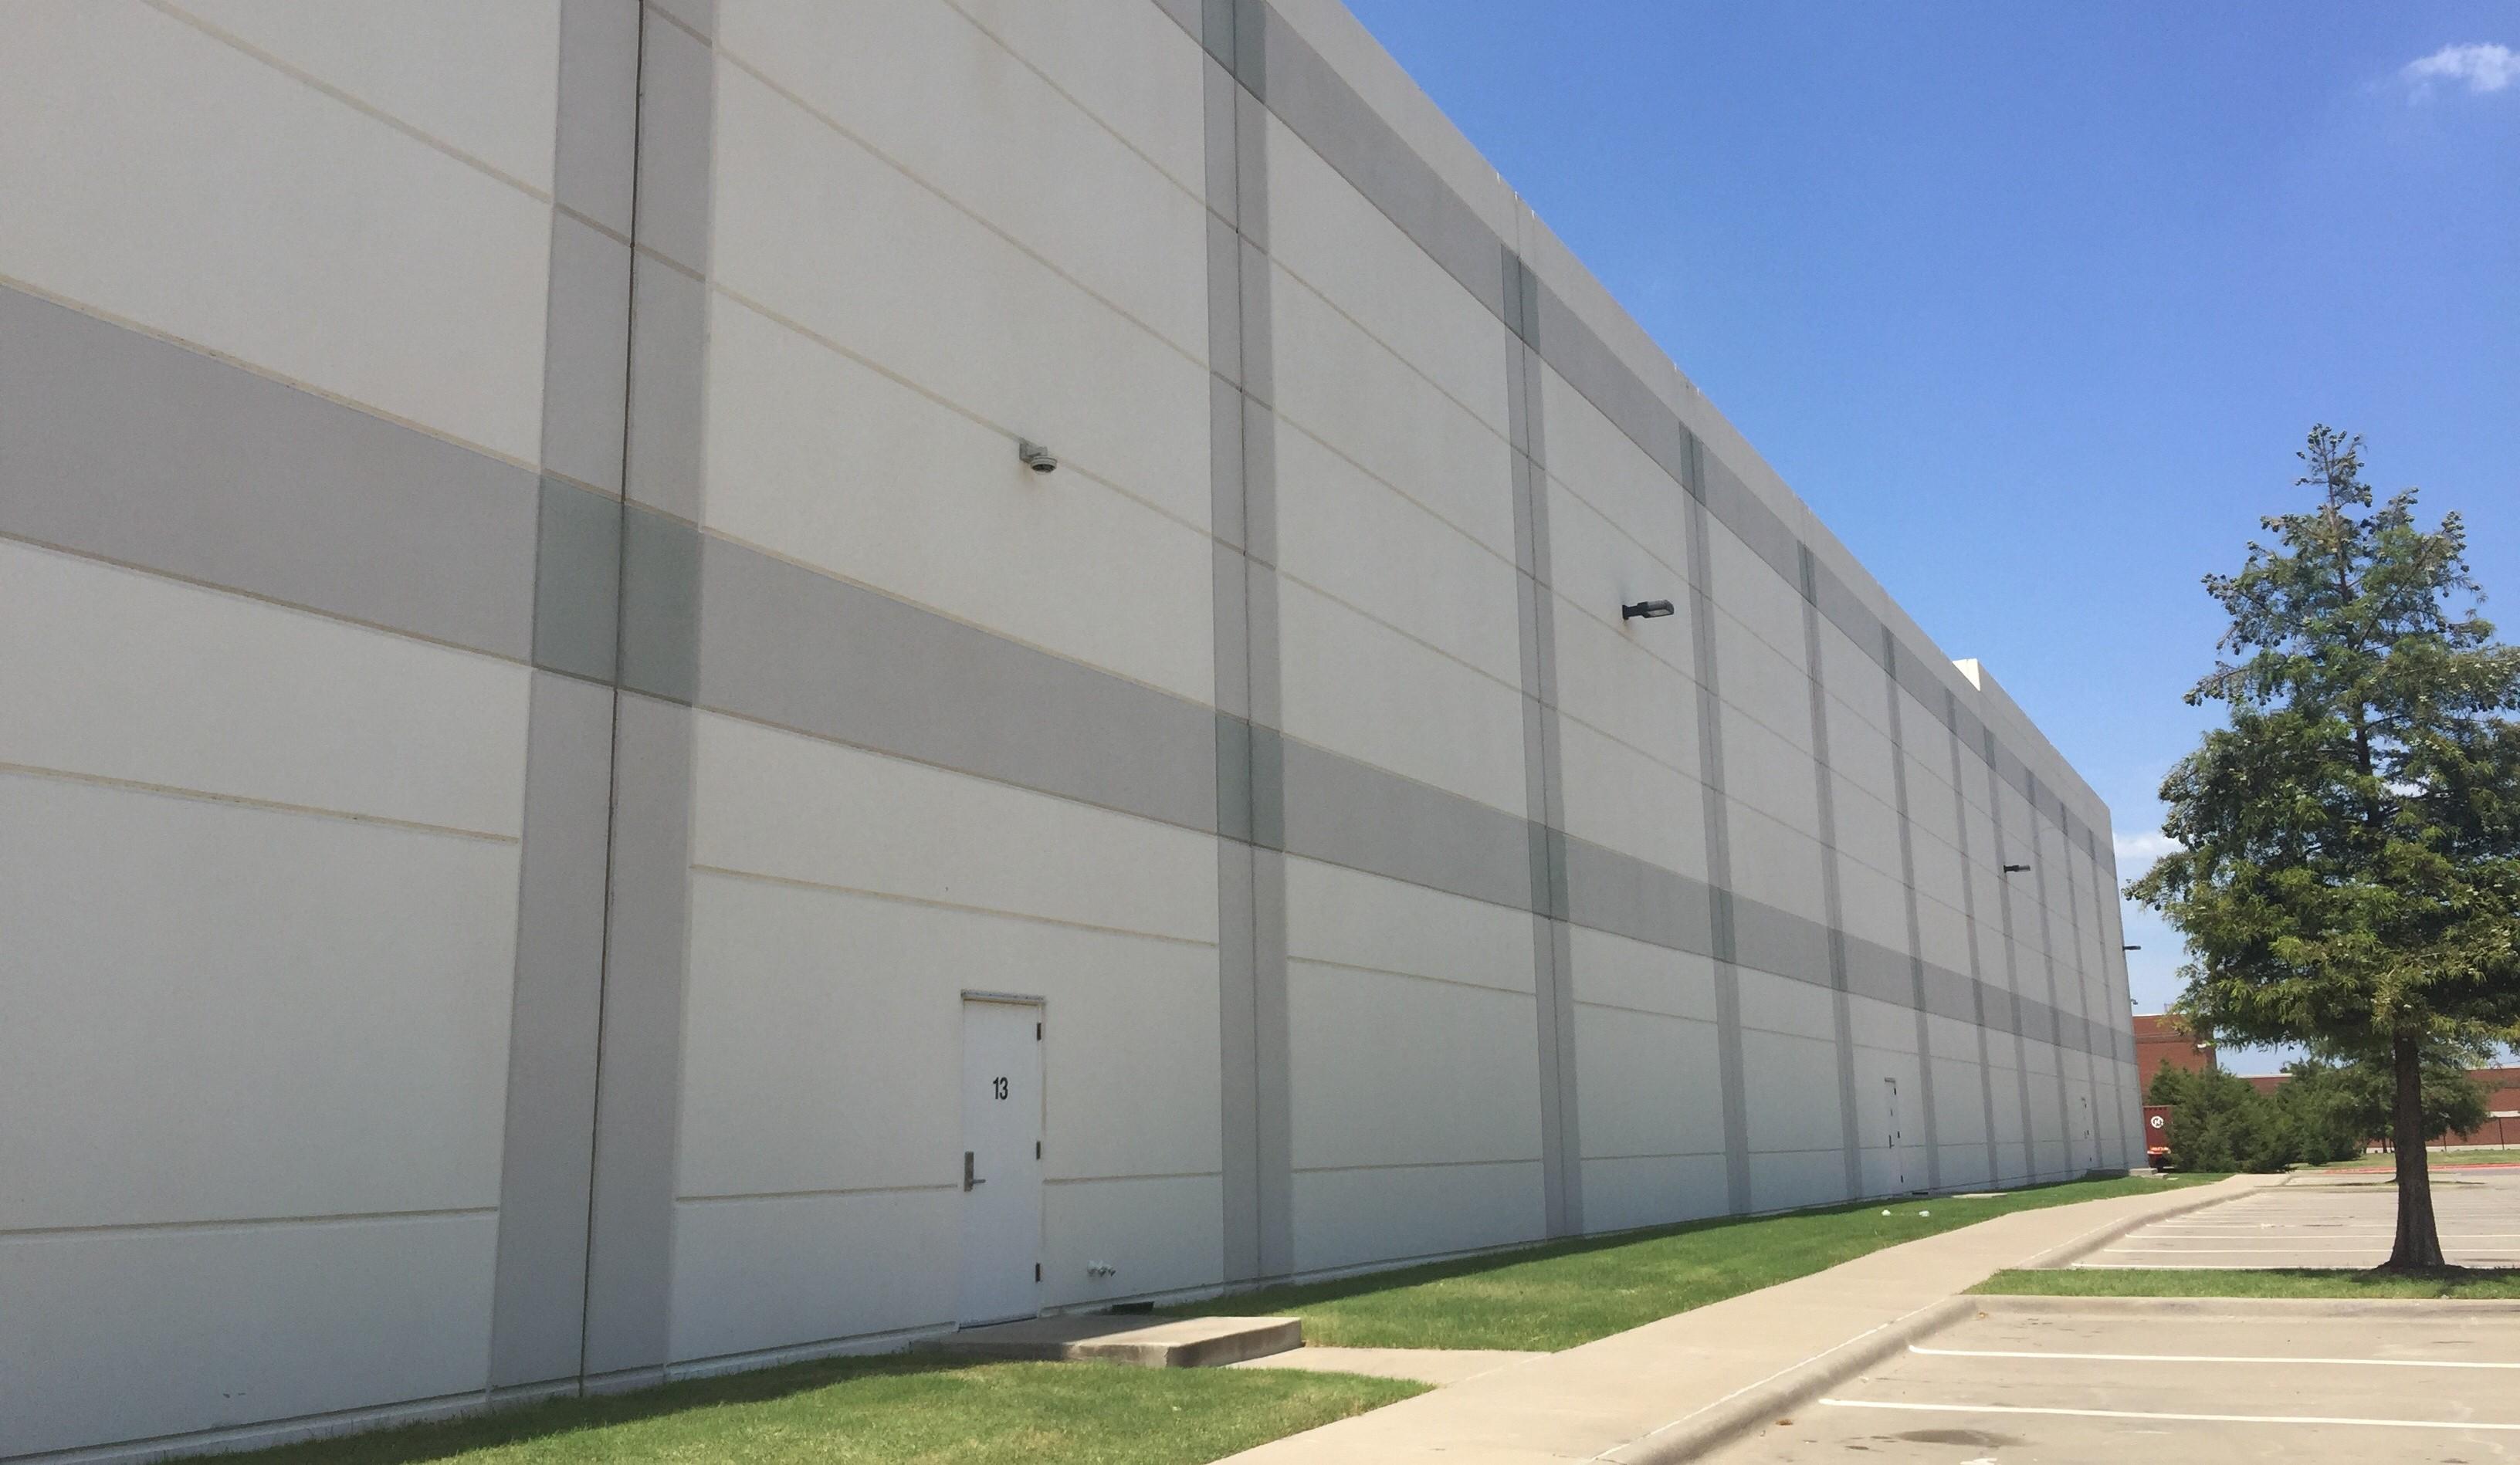 Samsung - Neovia Logistics center, Coppell, TX